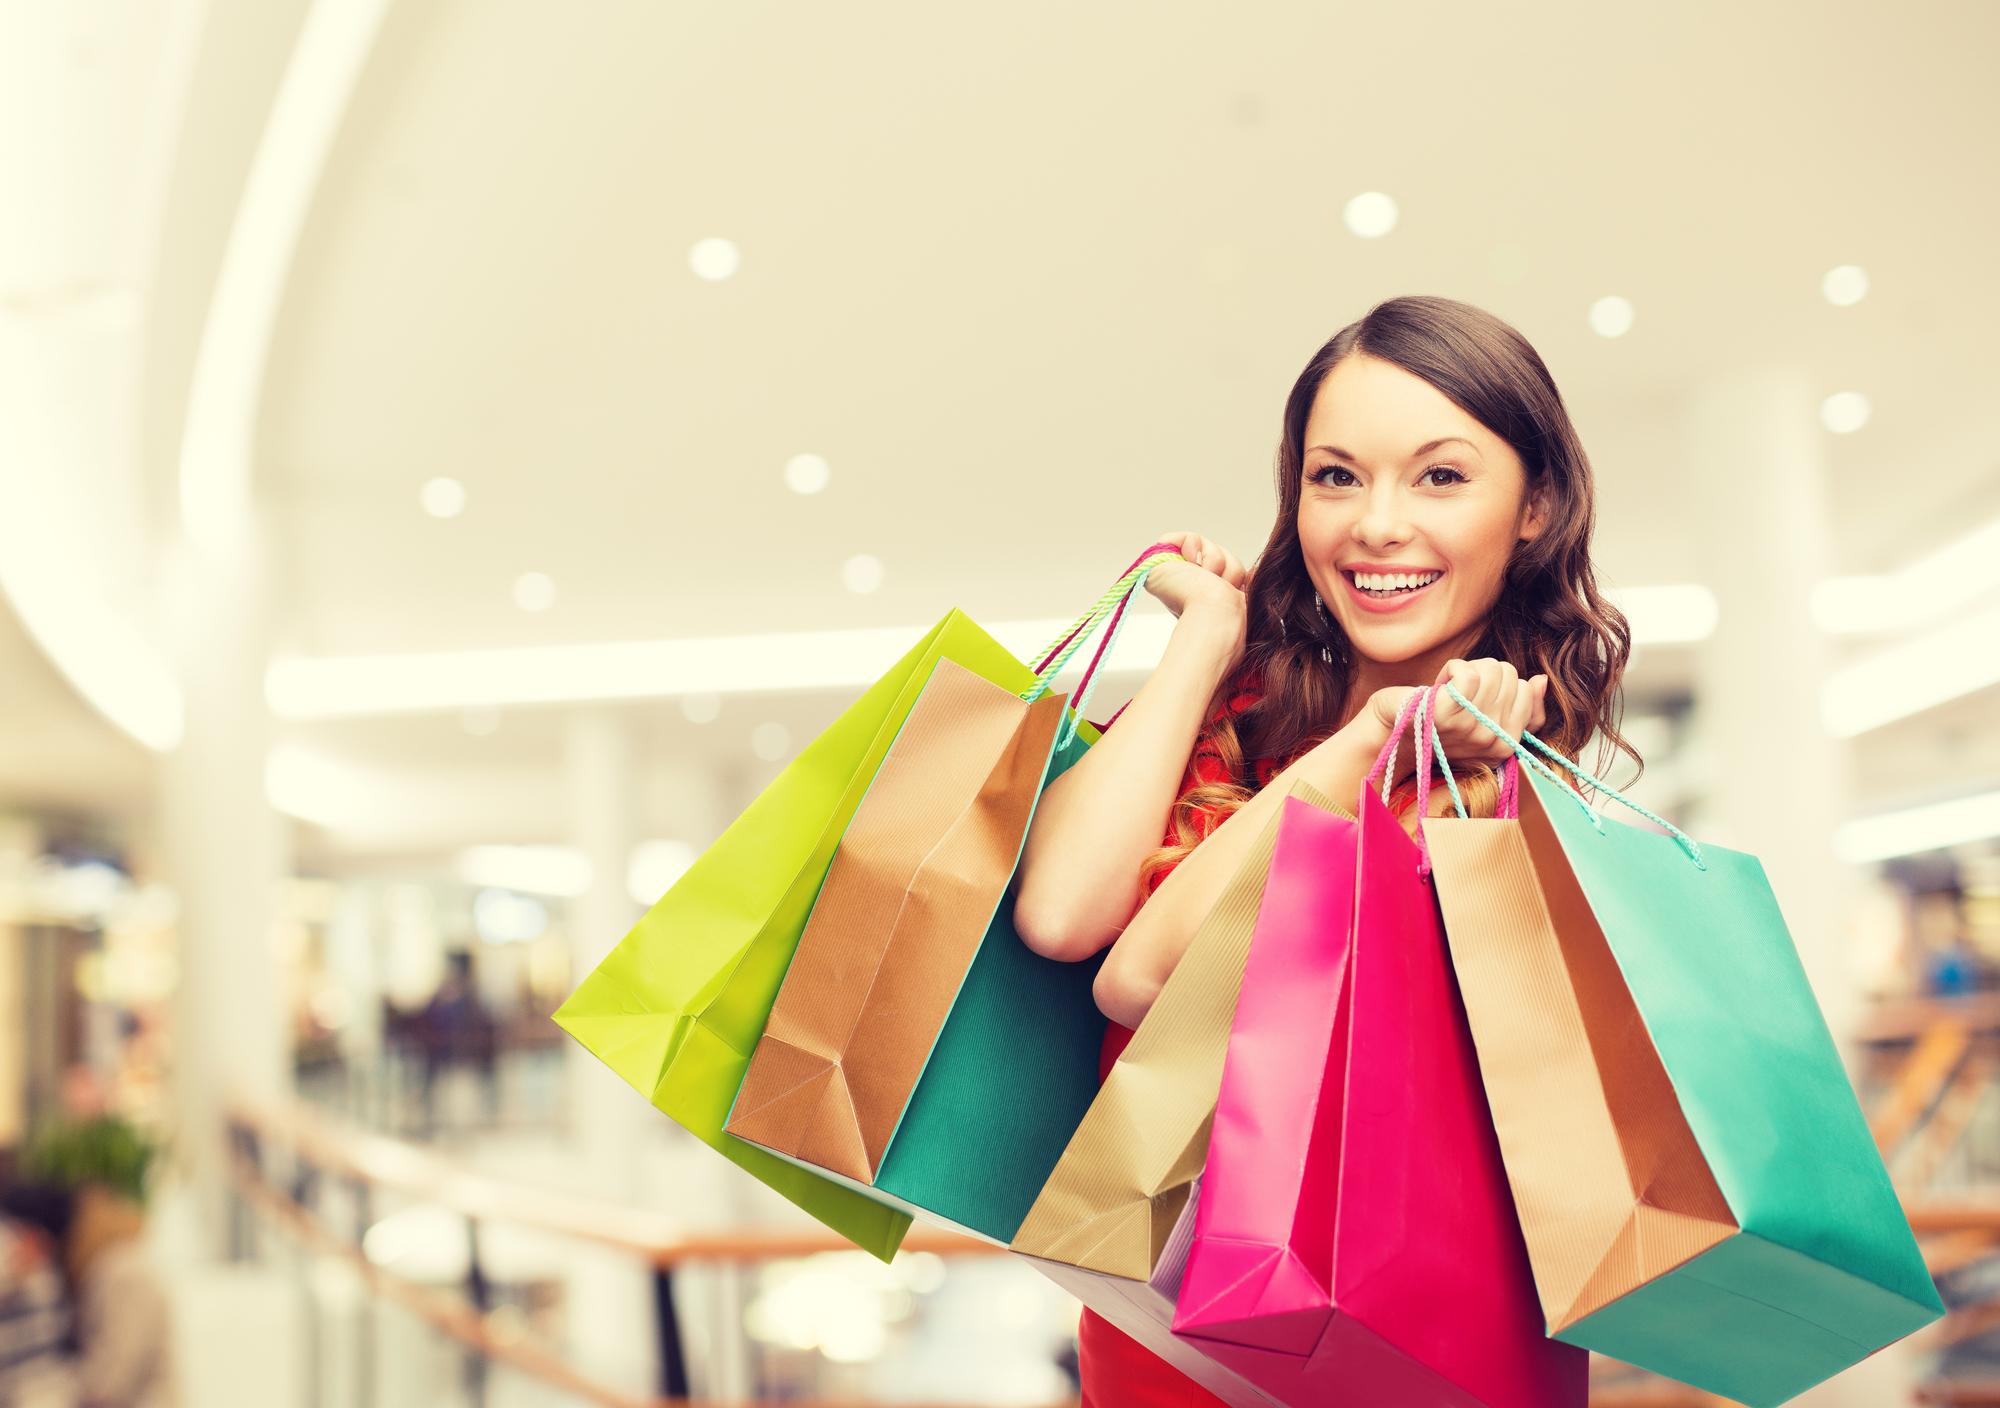 As tendências do varejo focadas no mercado Brasileiro